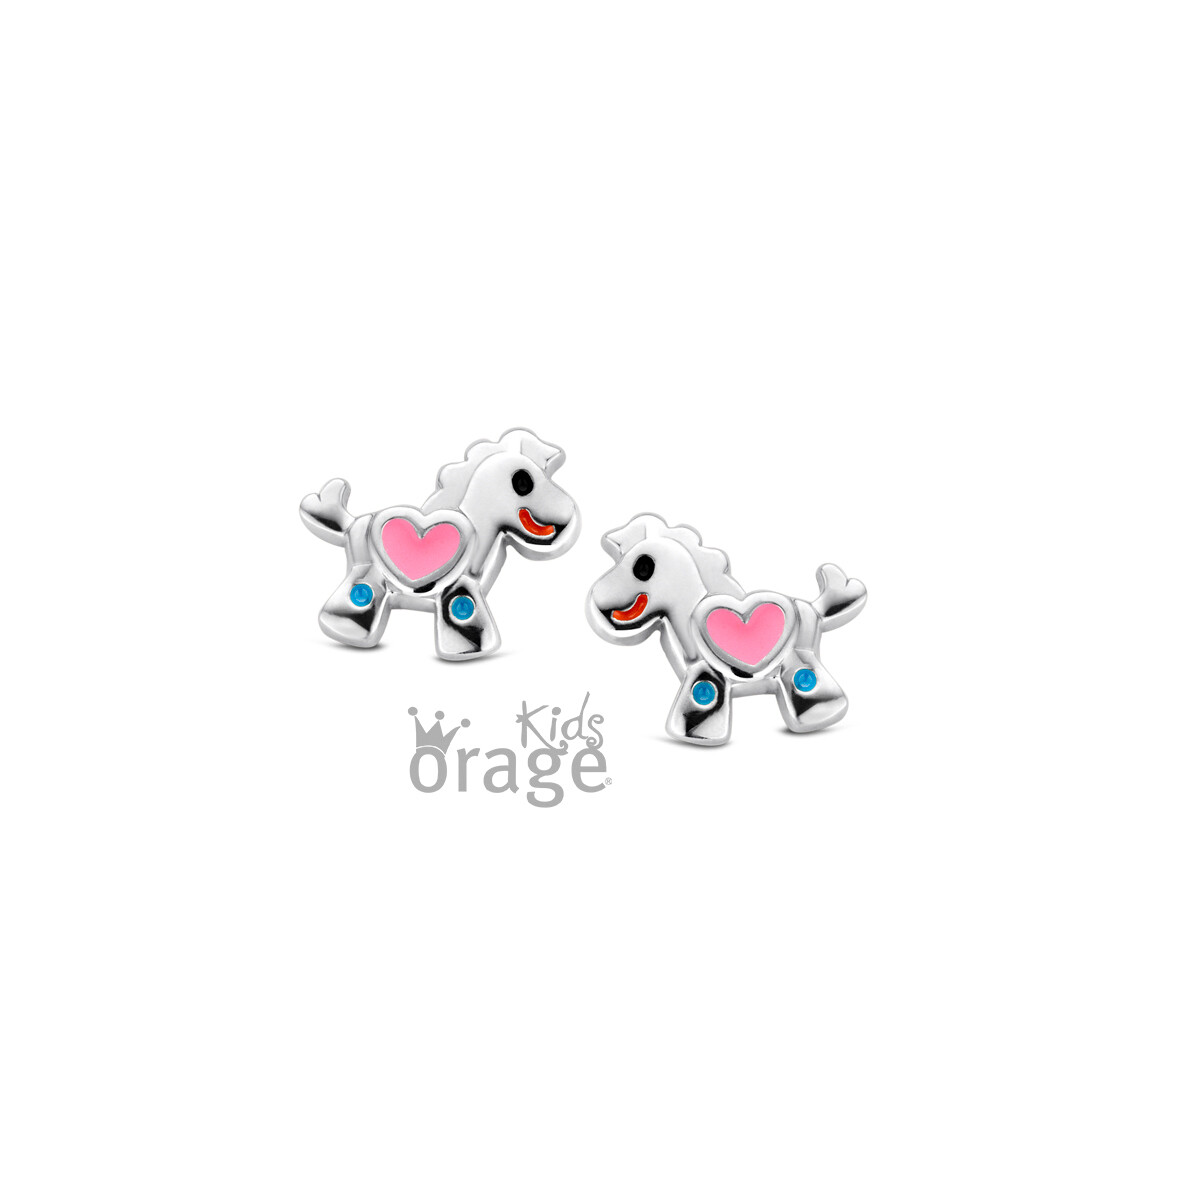 Boucles d'oreilles Orage Kids K1803